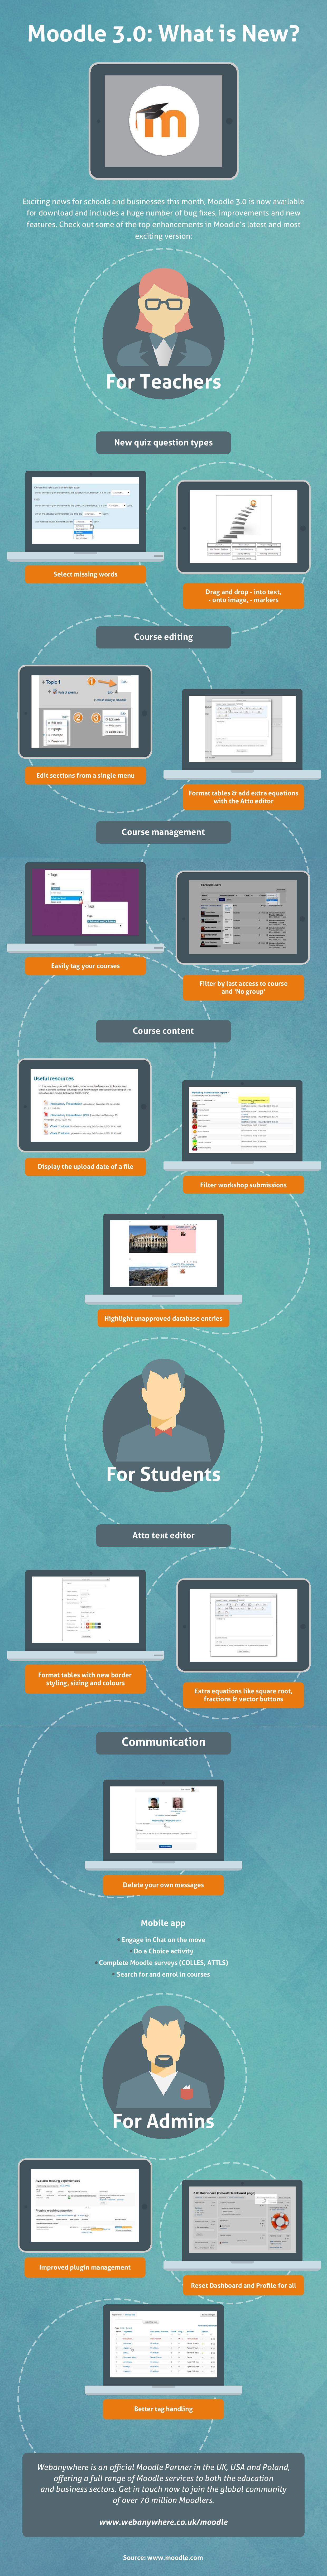 Infographic: Wat is nieuw in Moodle 3.0?